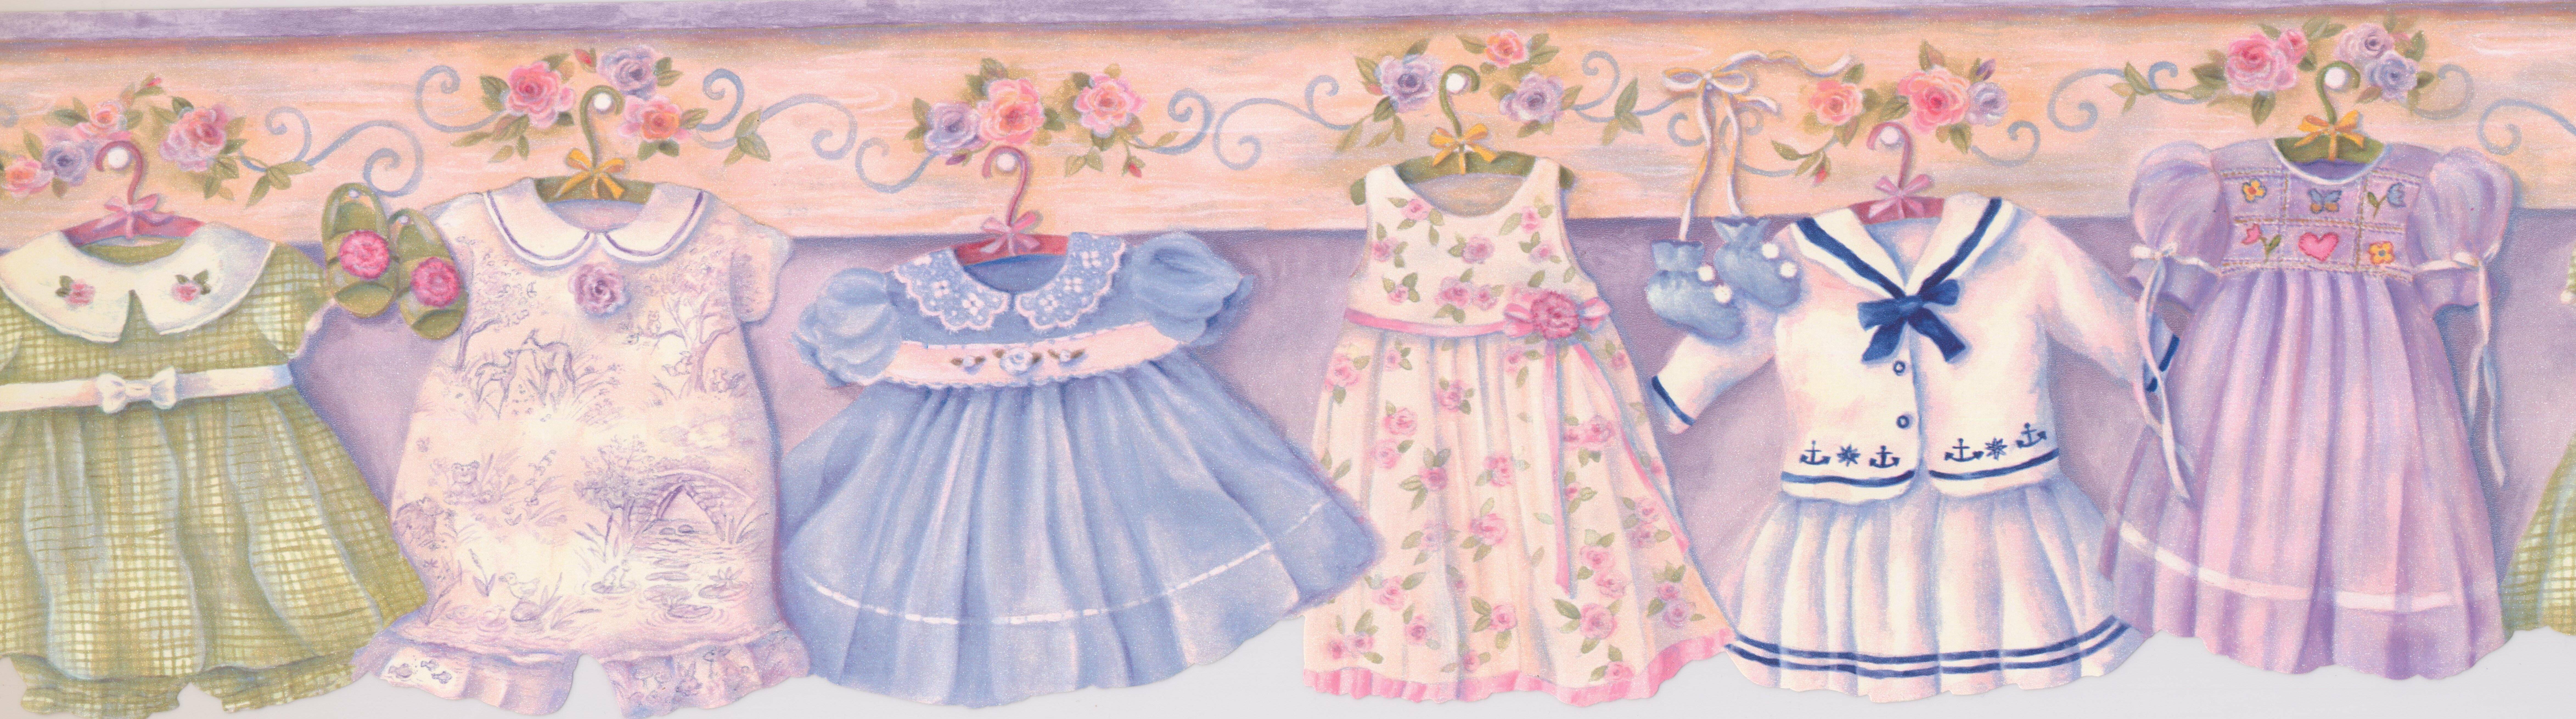 Harriet Bee Baby Clothes Kids 15 x 65 Wallpaper Border Wayfair 9387x2620